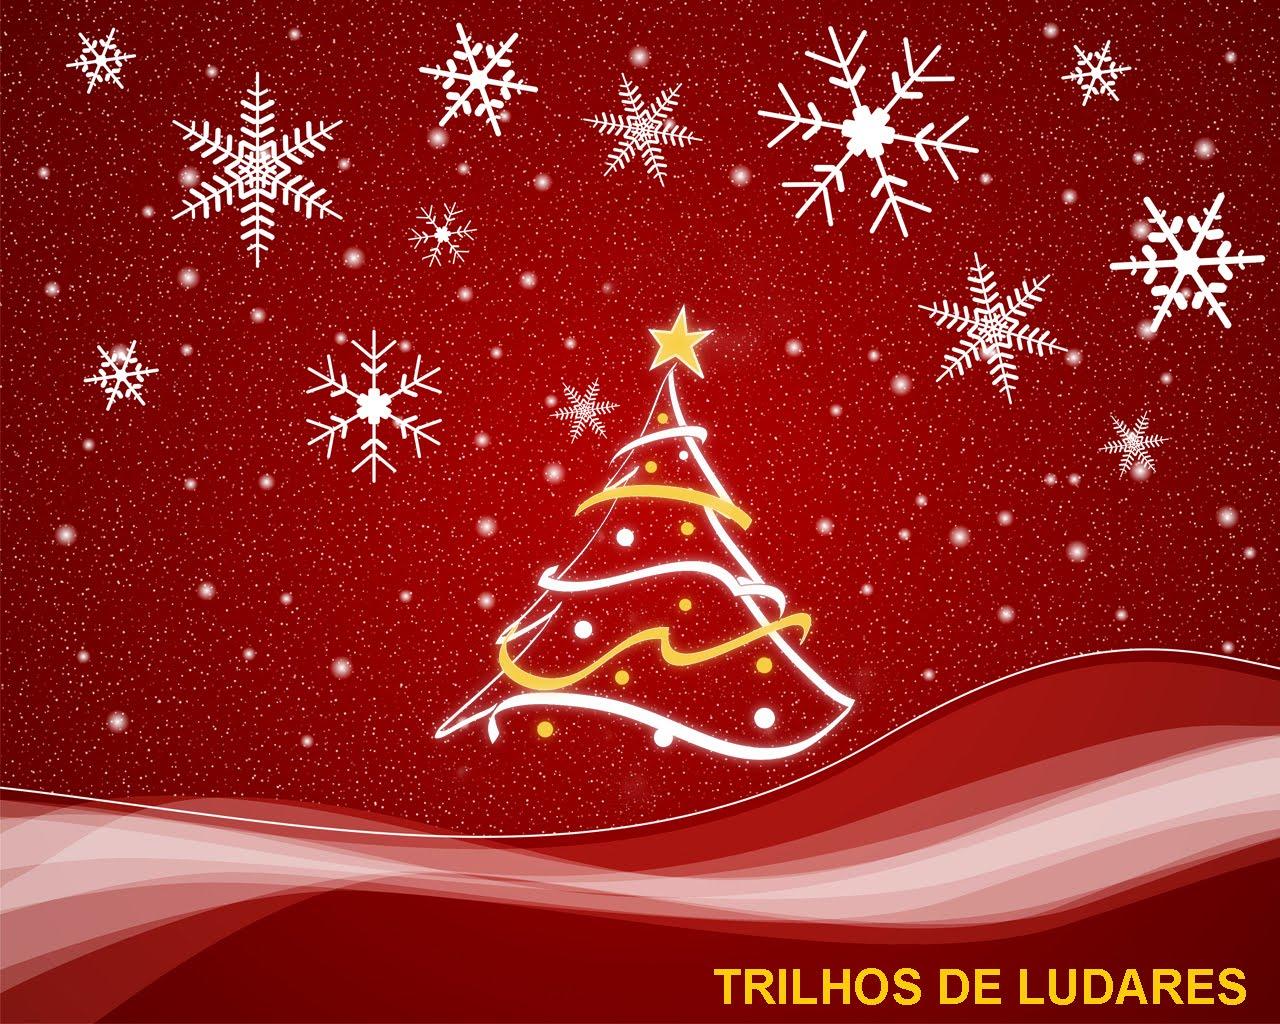 http://1.bp.blogspot.com/_bXjs4B8jphw/TRHLjsHXG_I/AAAAAAAAB2U/eURRw3ta0Eo/s1600/natal%2Bcopy.jpg